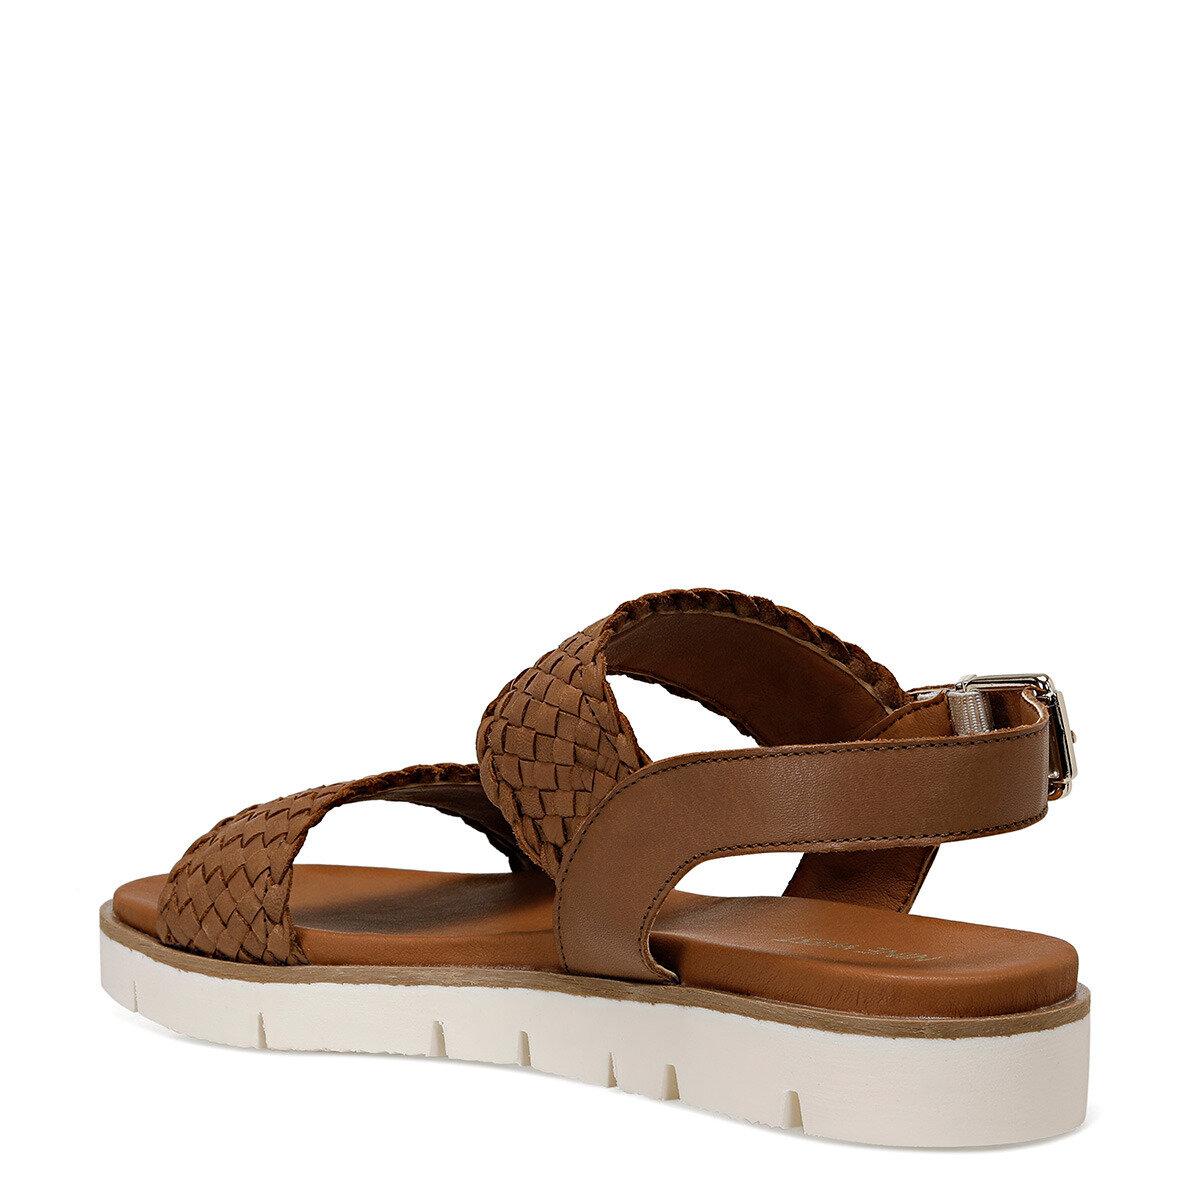 GOGH Taba Kadın Düz Sandalet